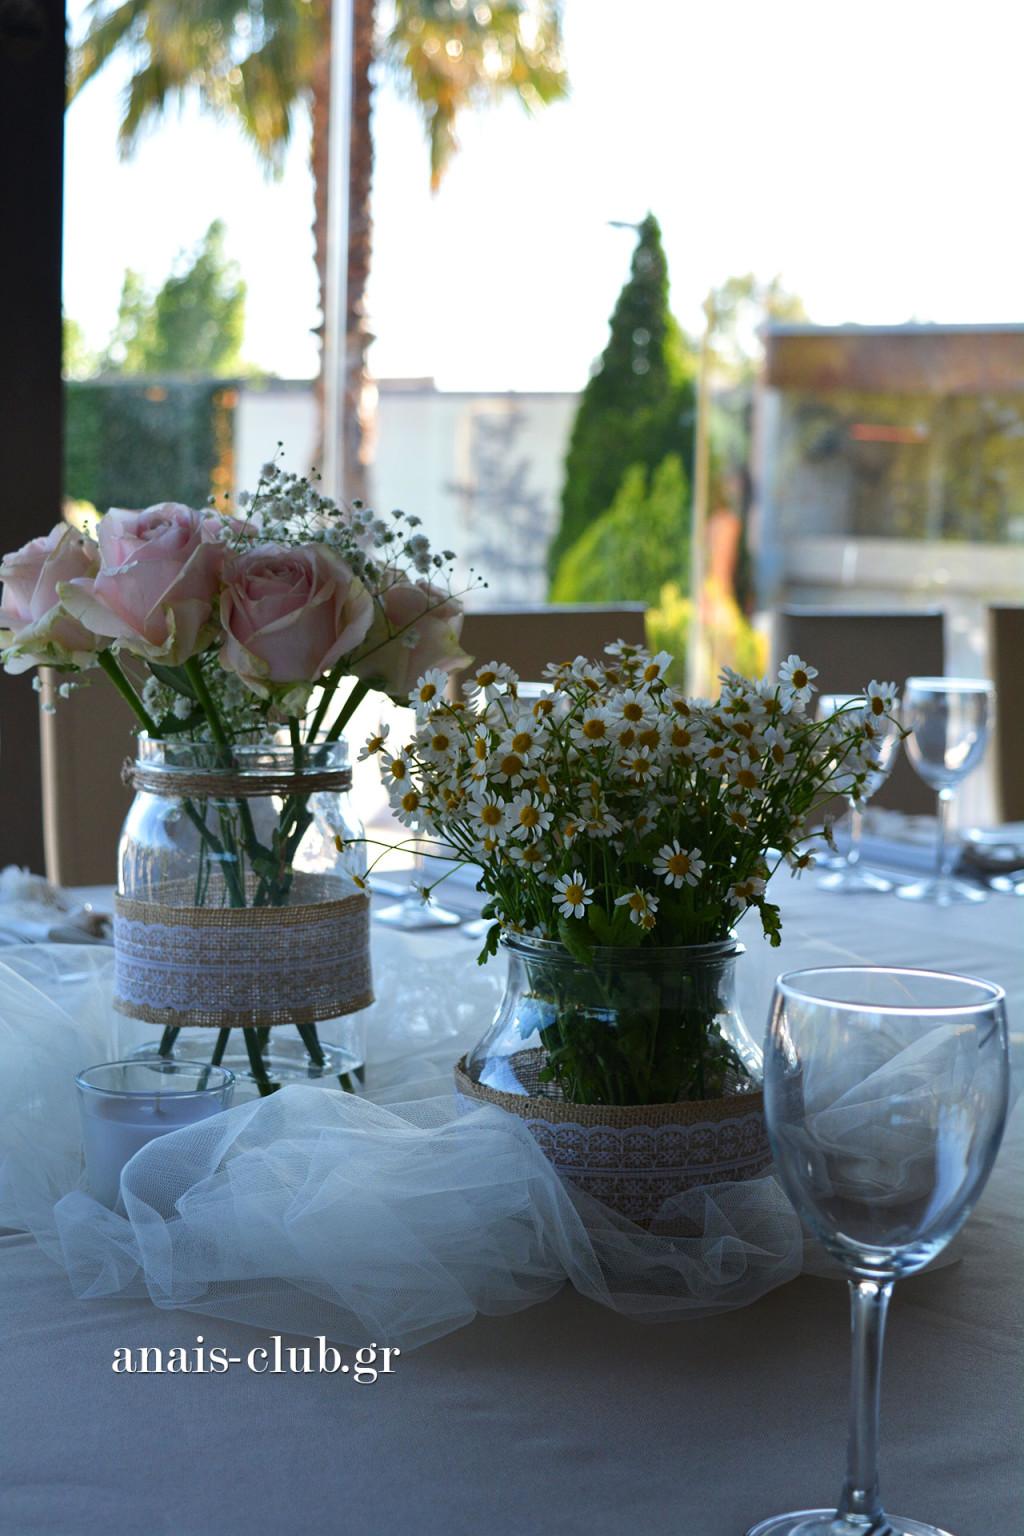 Φρέσκα λουλούδια σε βαζάκια